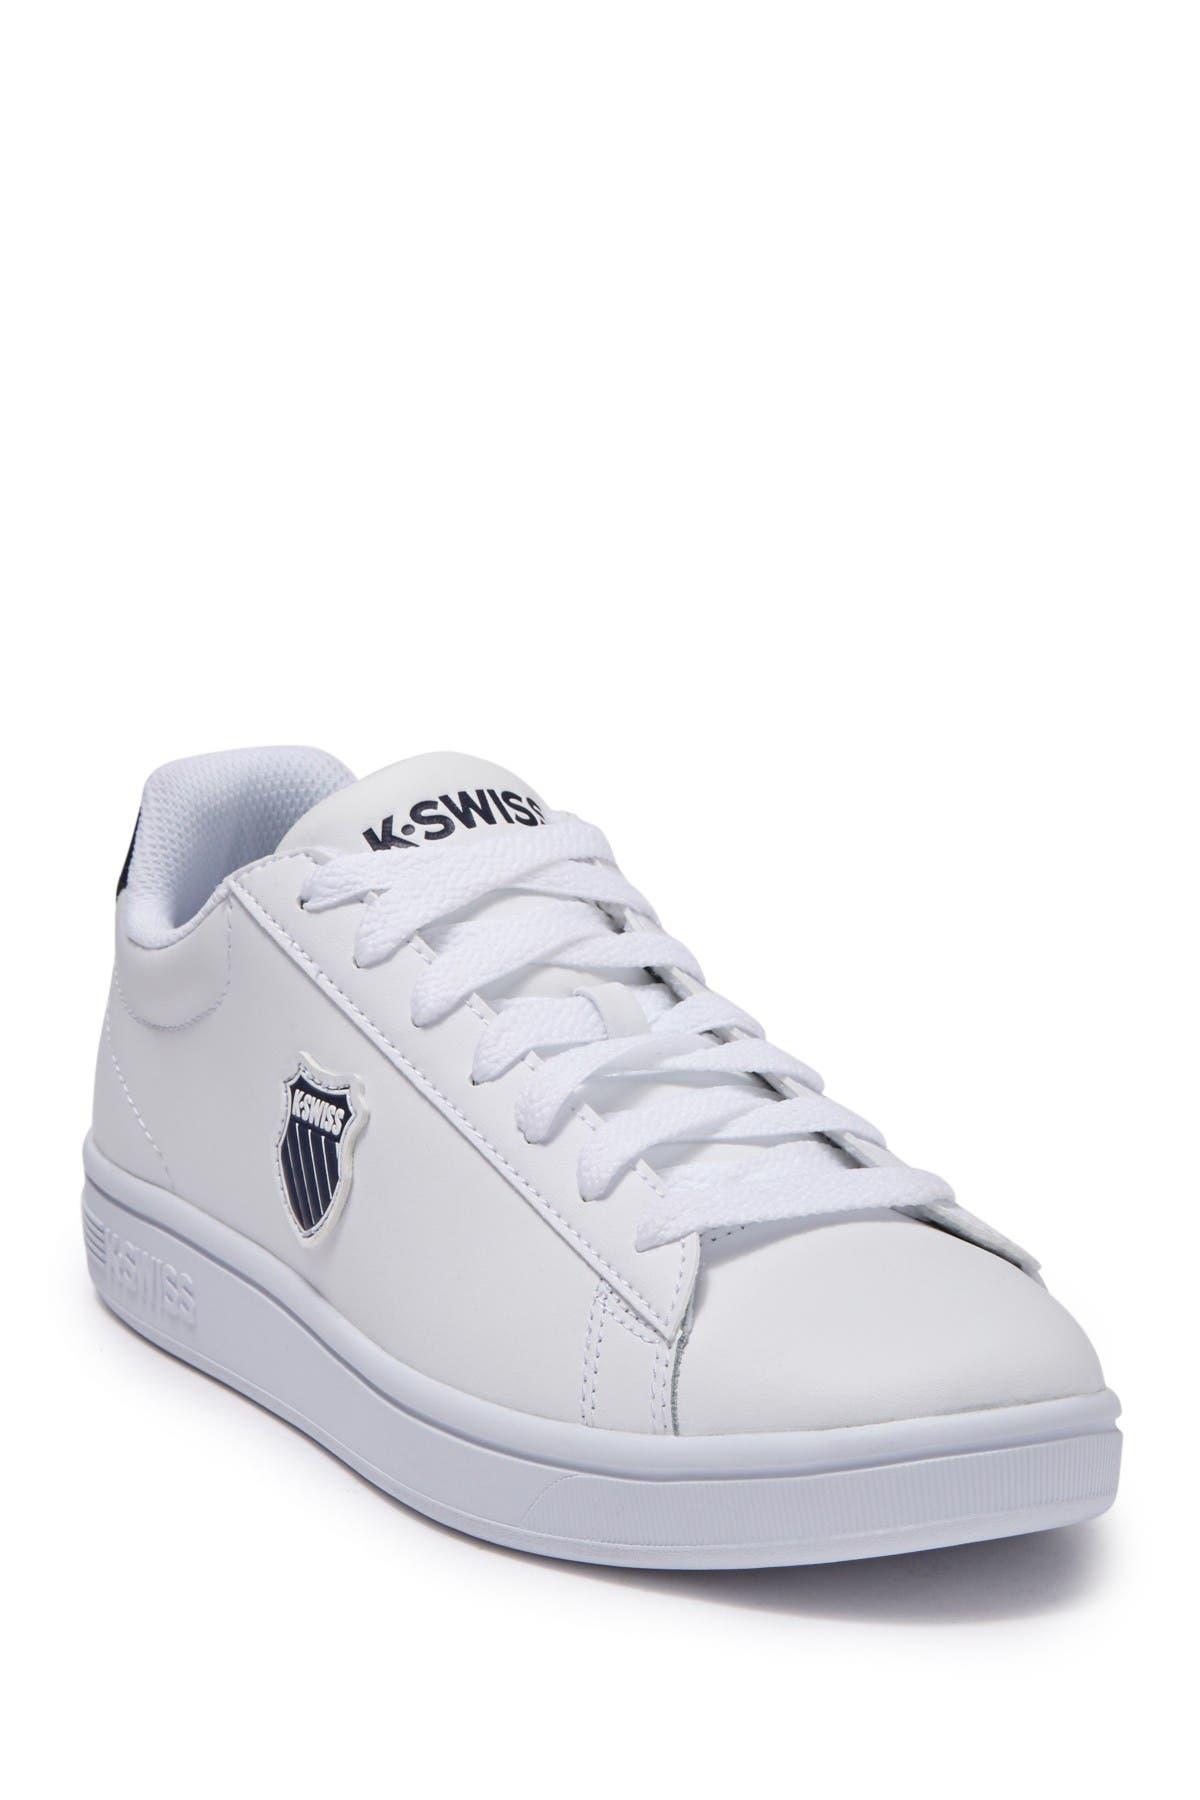 K-Swiss   Court Shield Sneaker